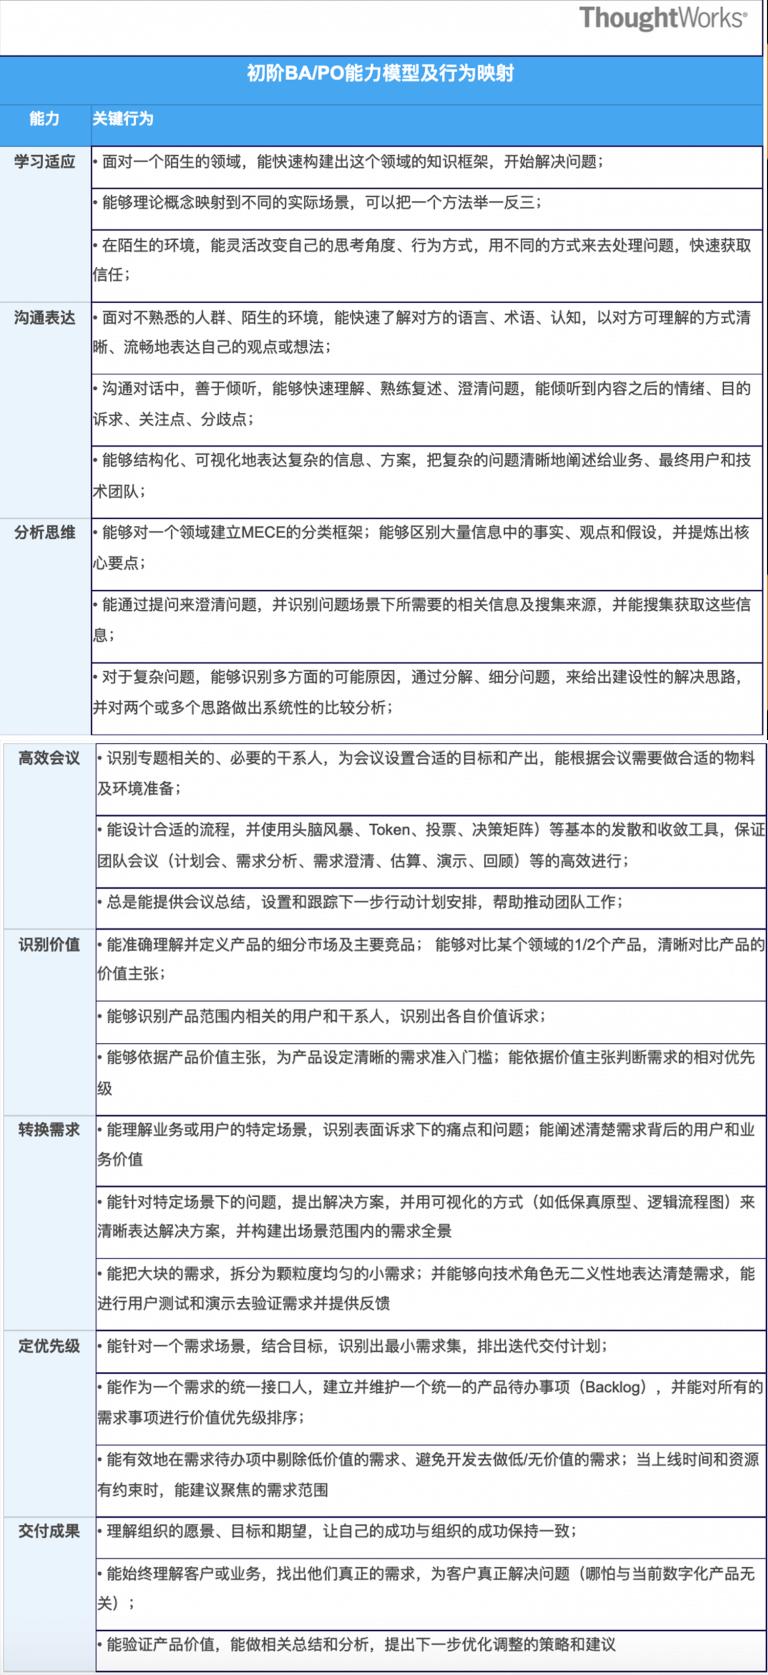 表格2 初阶BA核心能力及行为映射